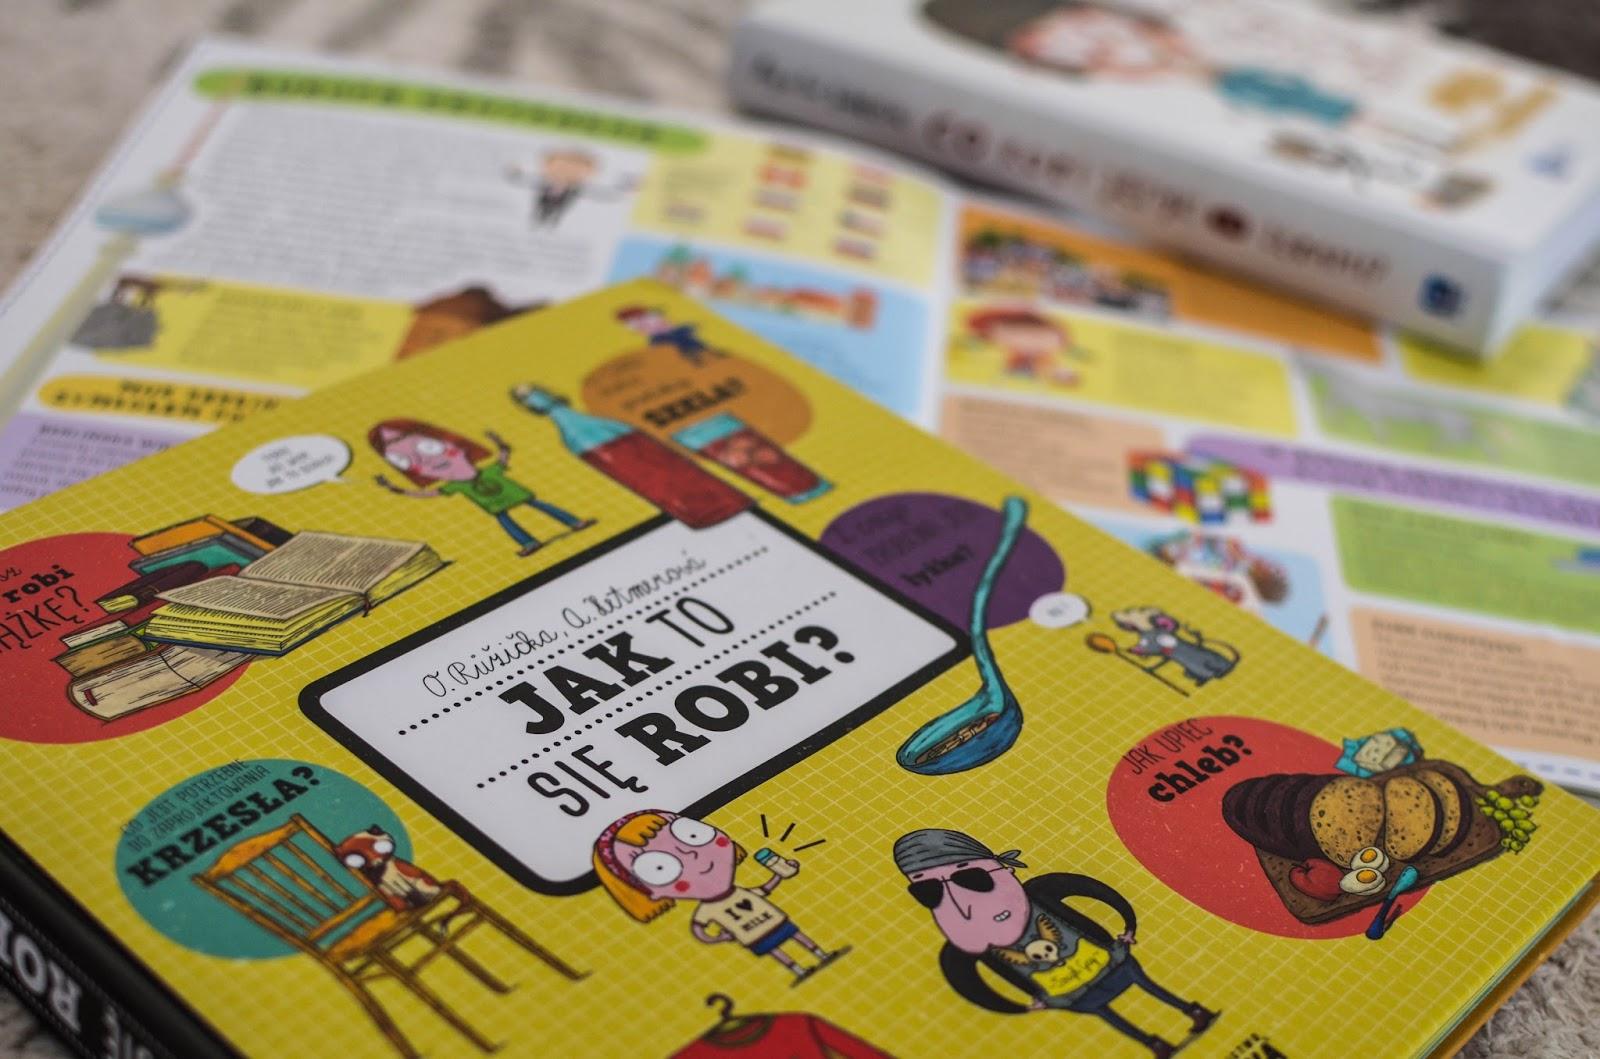 ciekawe książki edukacyjne dla dzieci, książki dla przedszkolaka, książki dla ucznia